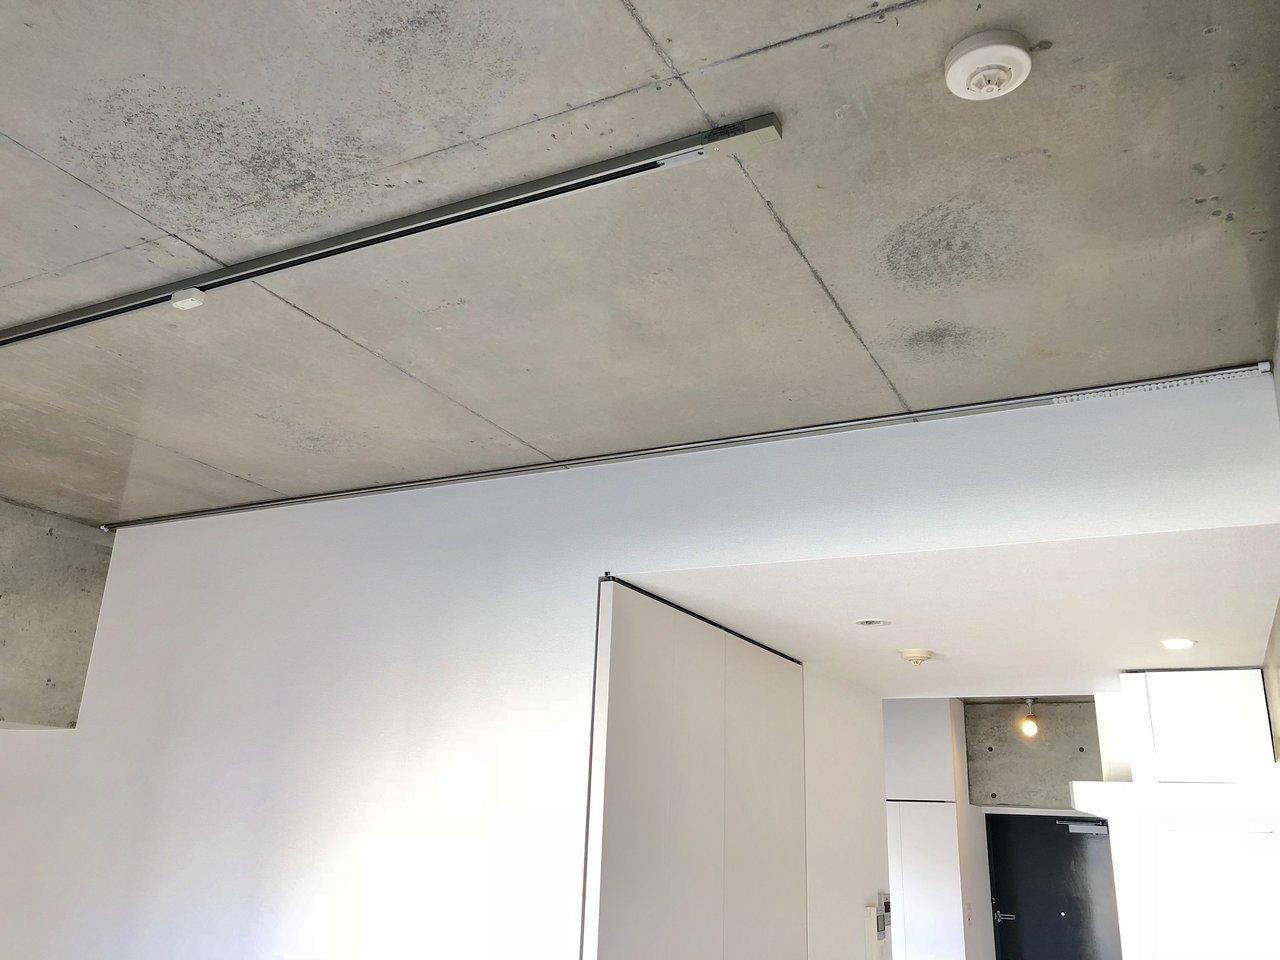 天井はコンクリート打ちっ放し。ライティングレールや、間仕切りにも活用できるカーテンレールなど、嬉しい配慮もあります。